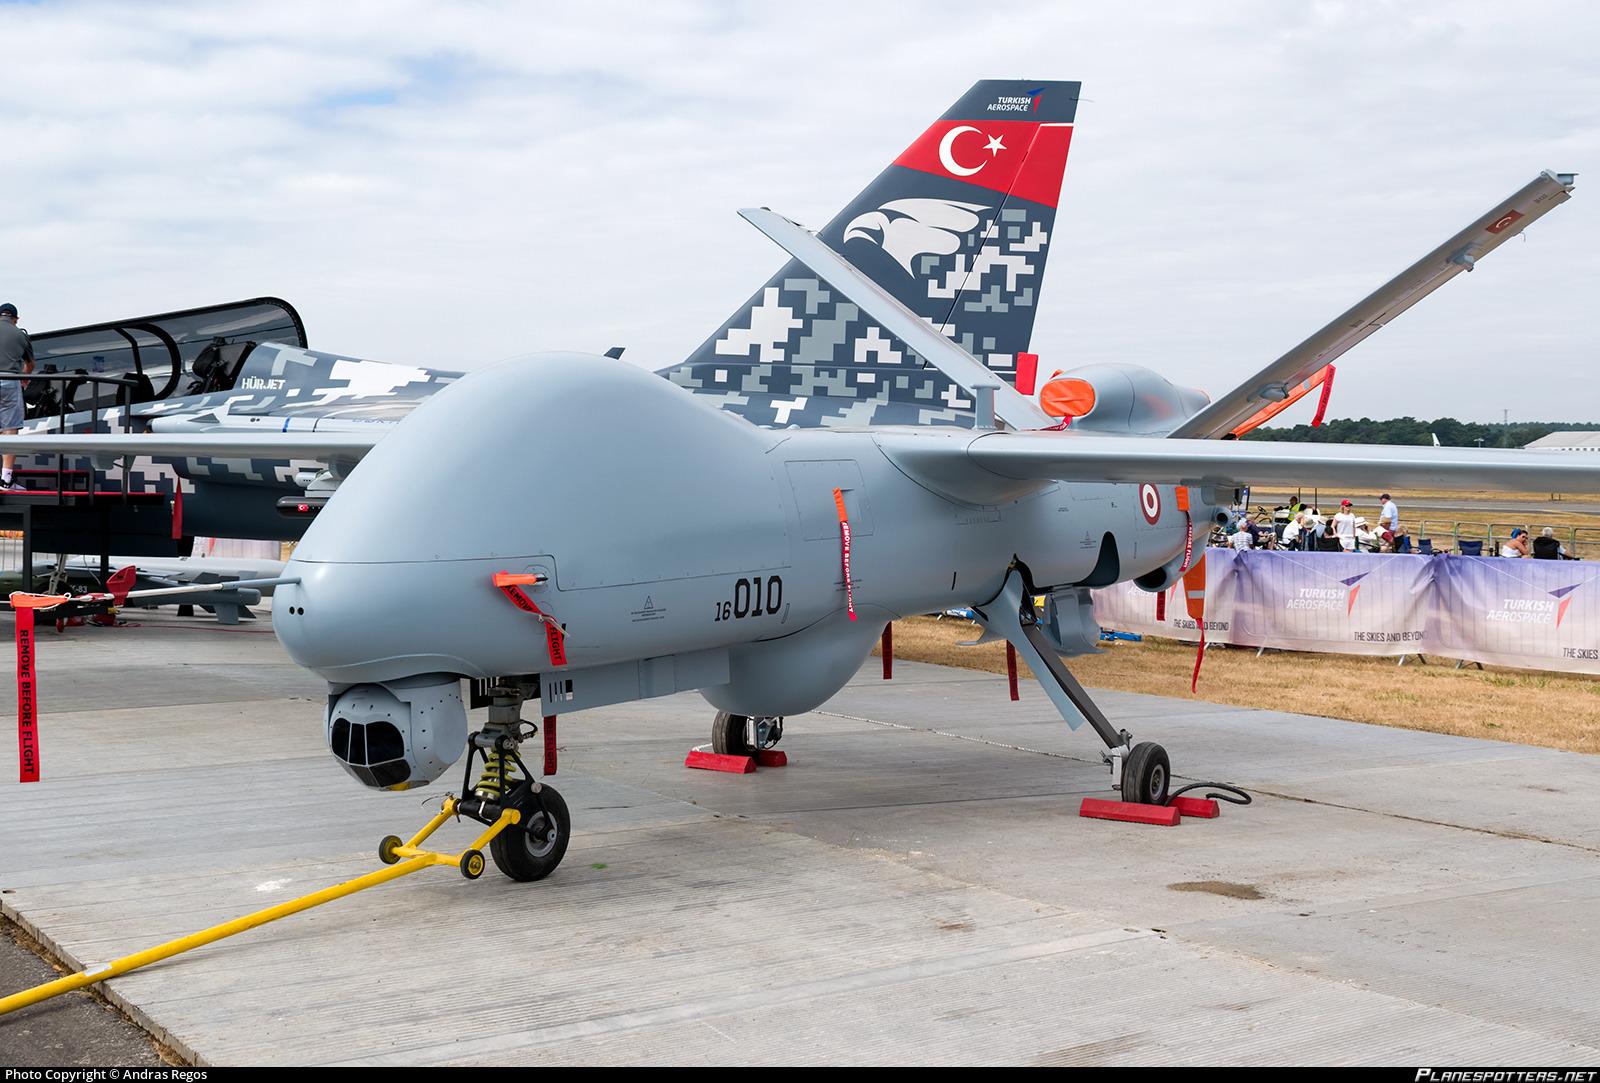 صورة لعلها الأخـ.ـطر.. مخـ.ـابرات دولية تتجس على الصناعات الدفاعية التركية.. وأنقرة تكشف مفاجأت